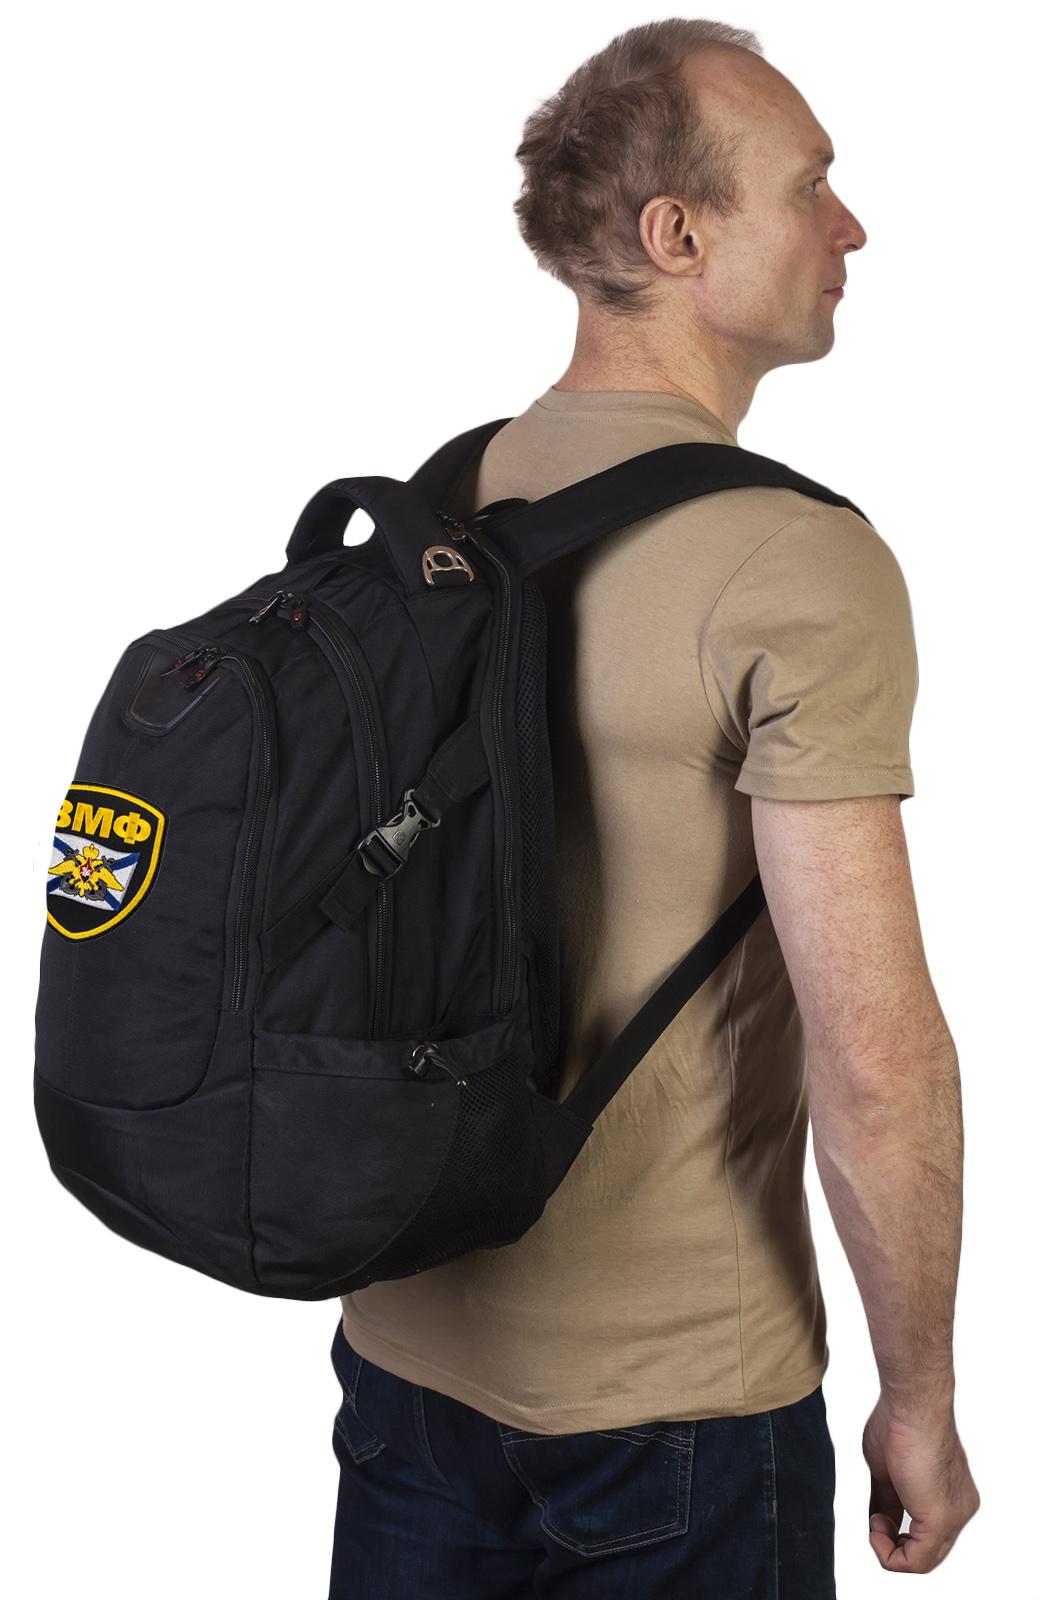 Надежный стильный рюкзак с нашивкой ВМФ - купить в Военпро